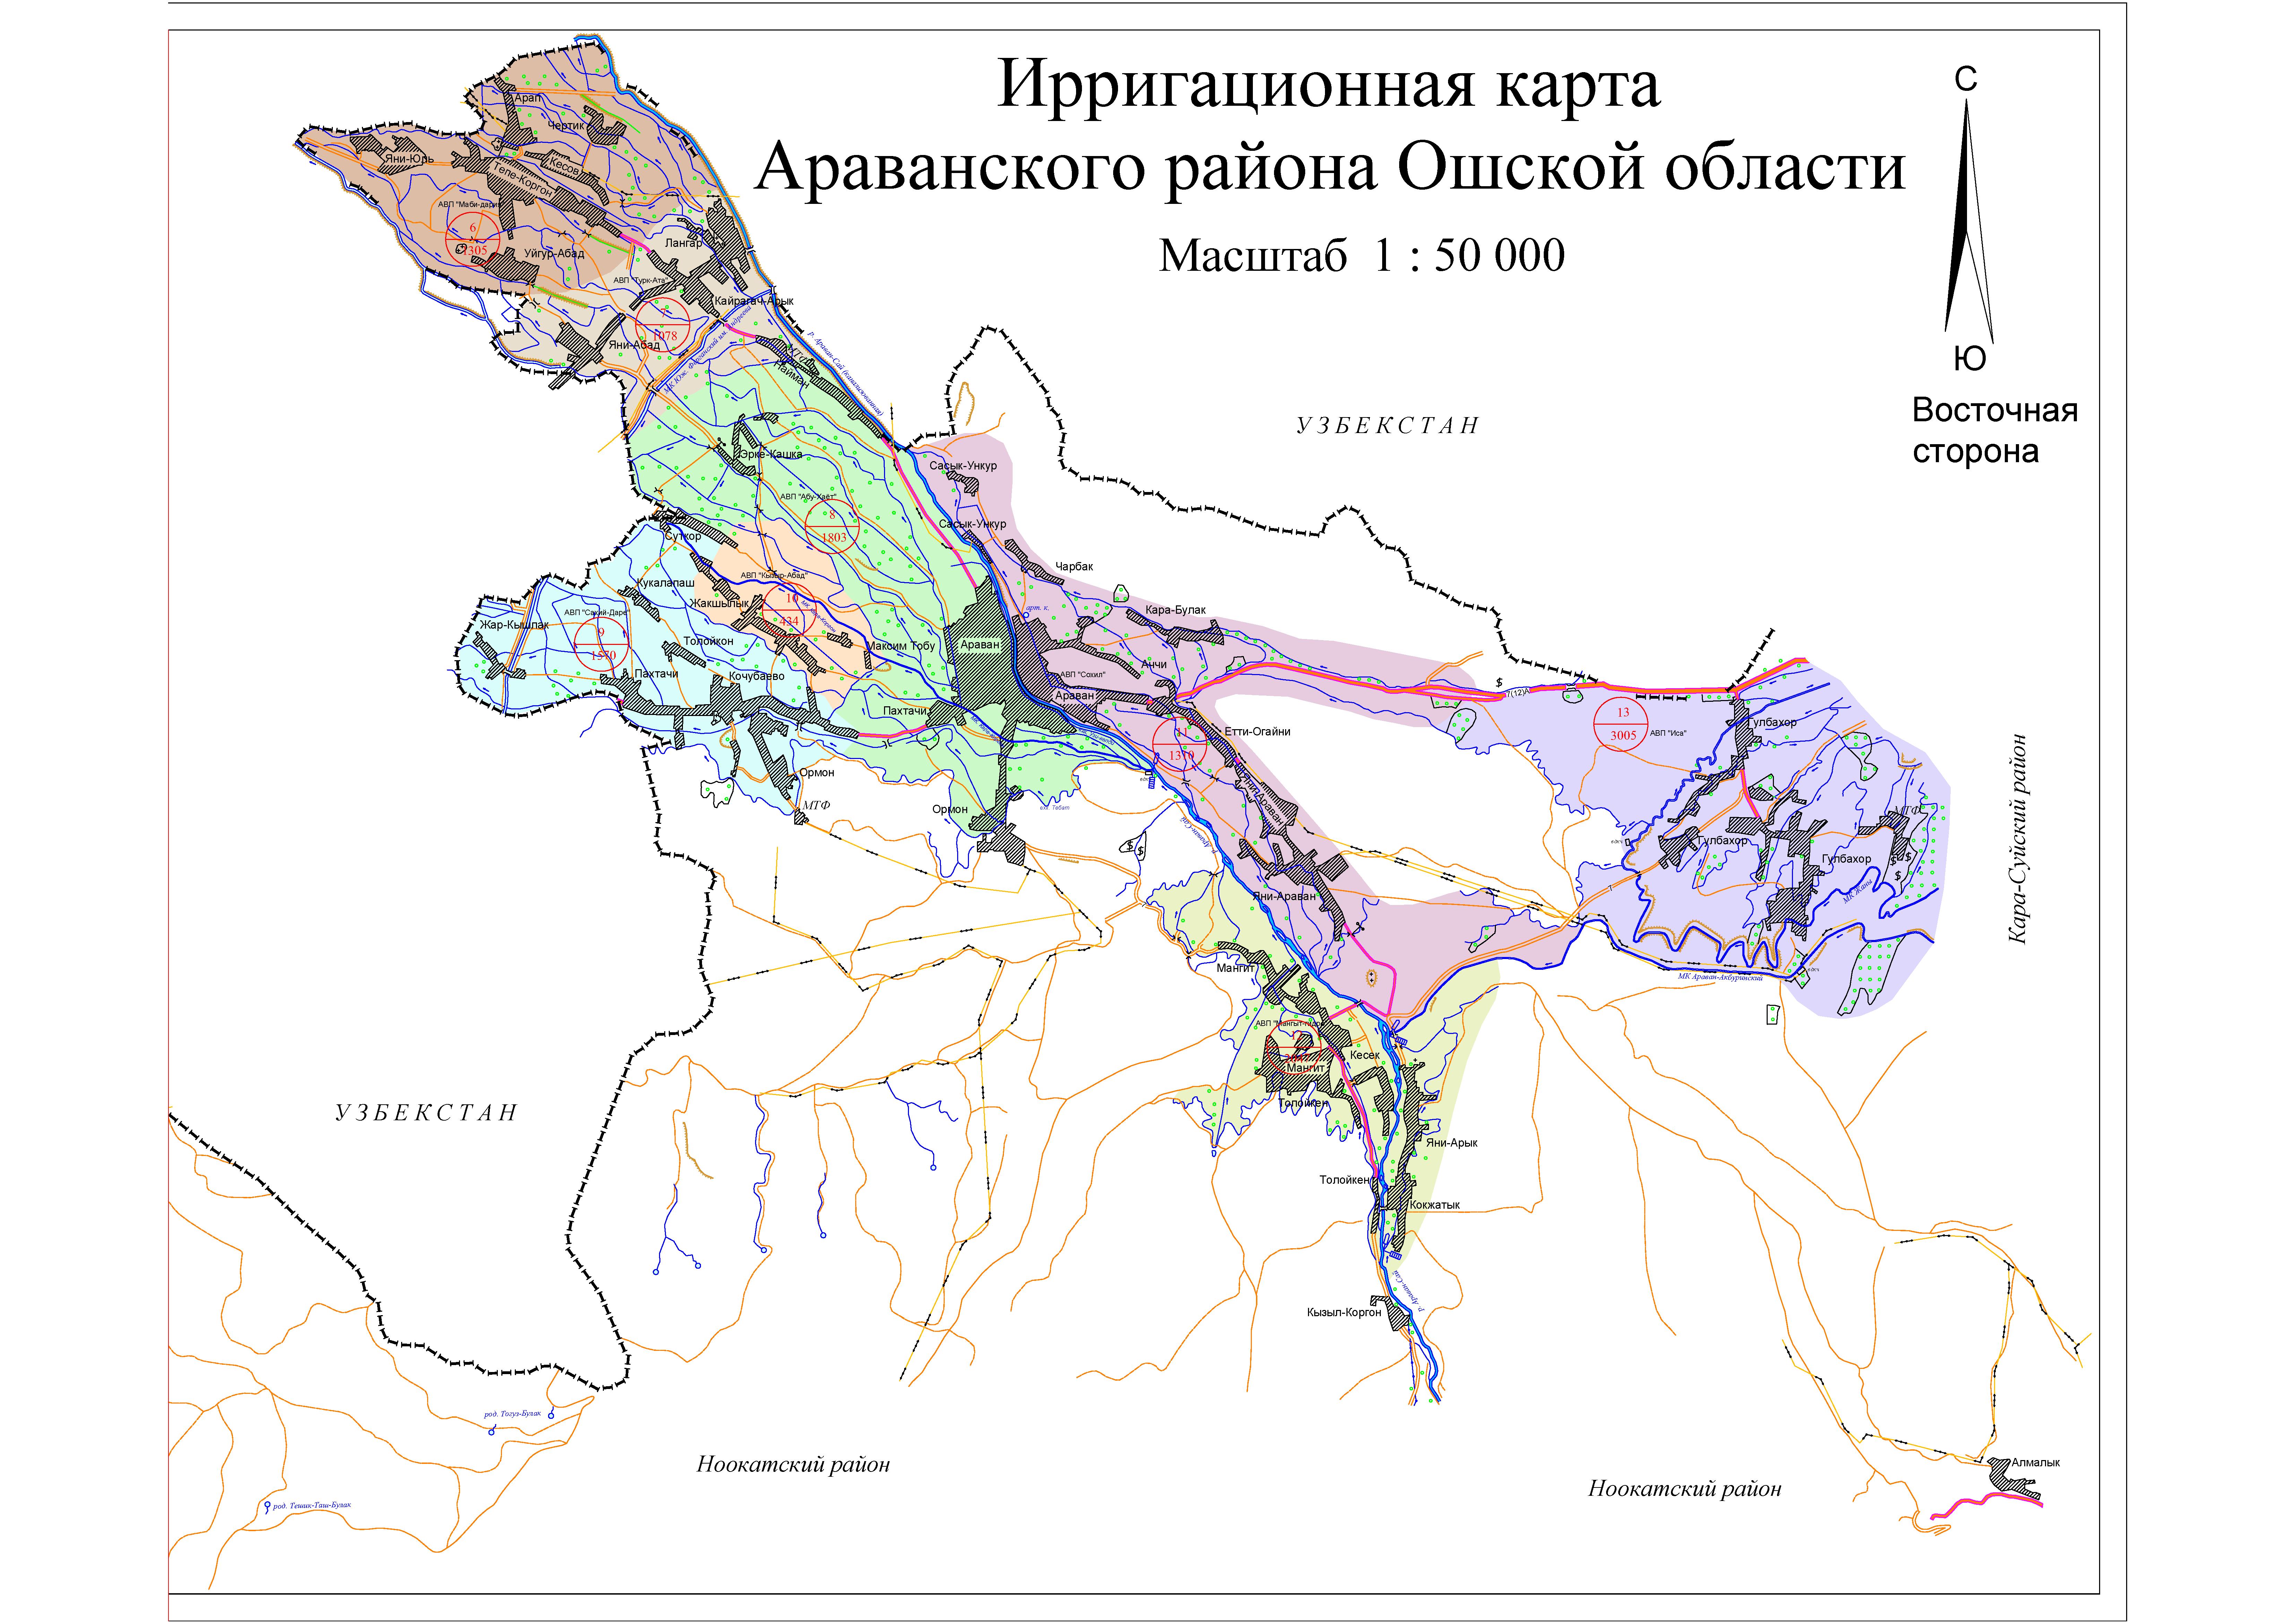 Араванский район-Восточная сторона